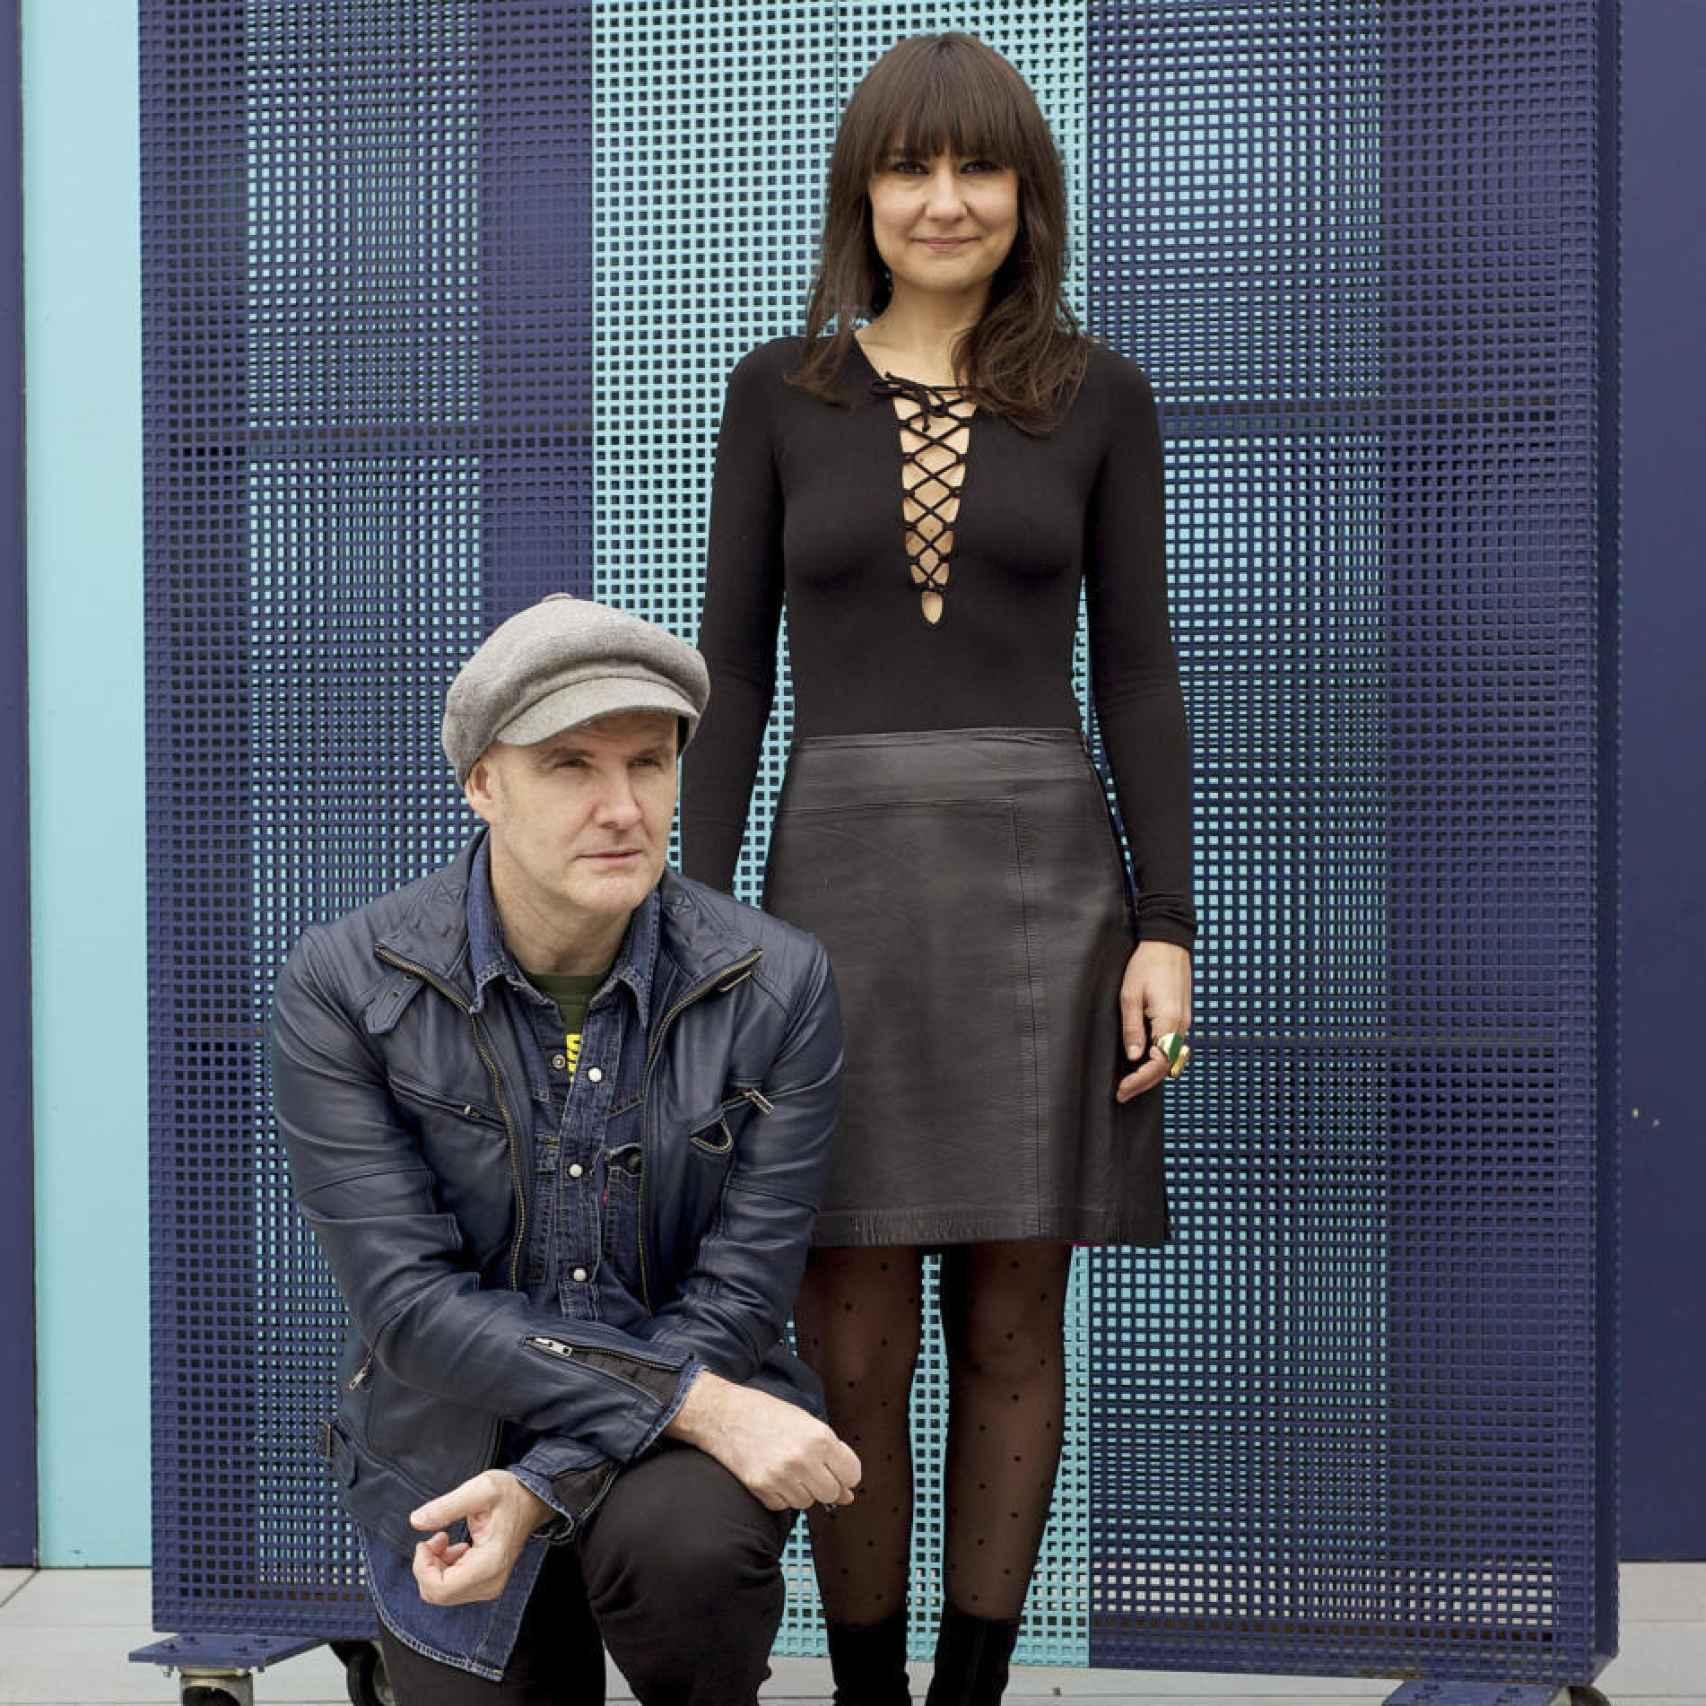 Eva Amaral y Juan Aguirre arrancan la gira de Nocturnal, su nuevo trabajo.